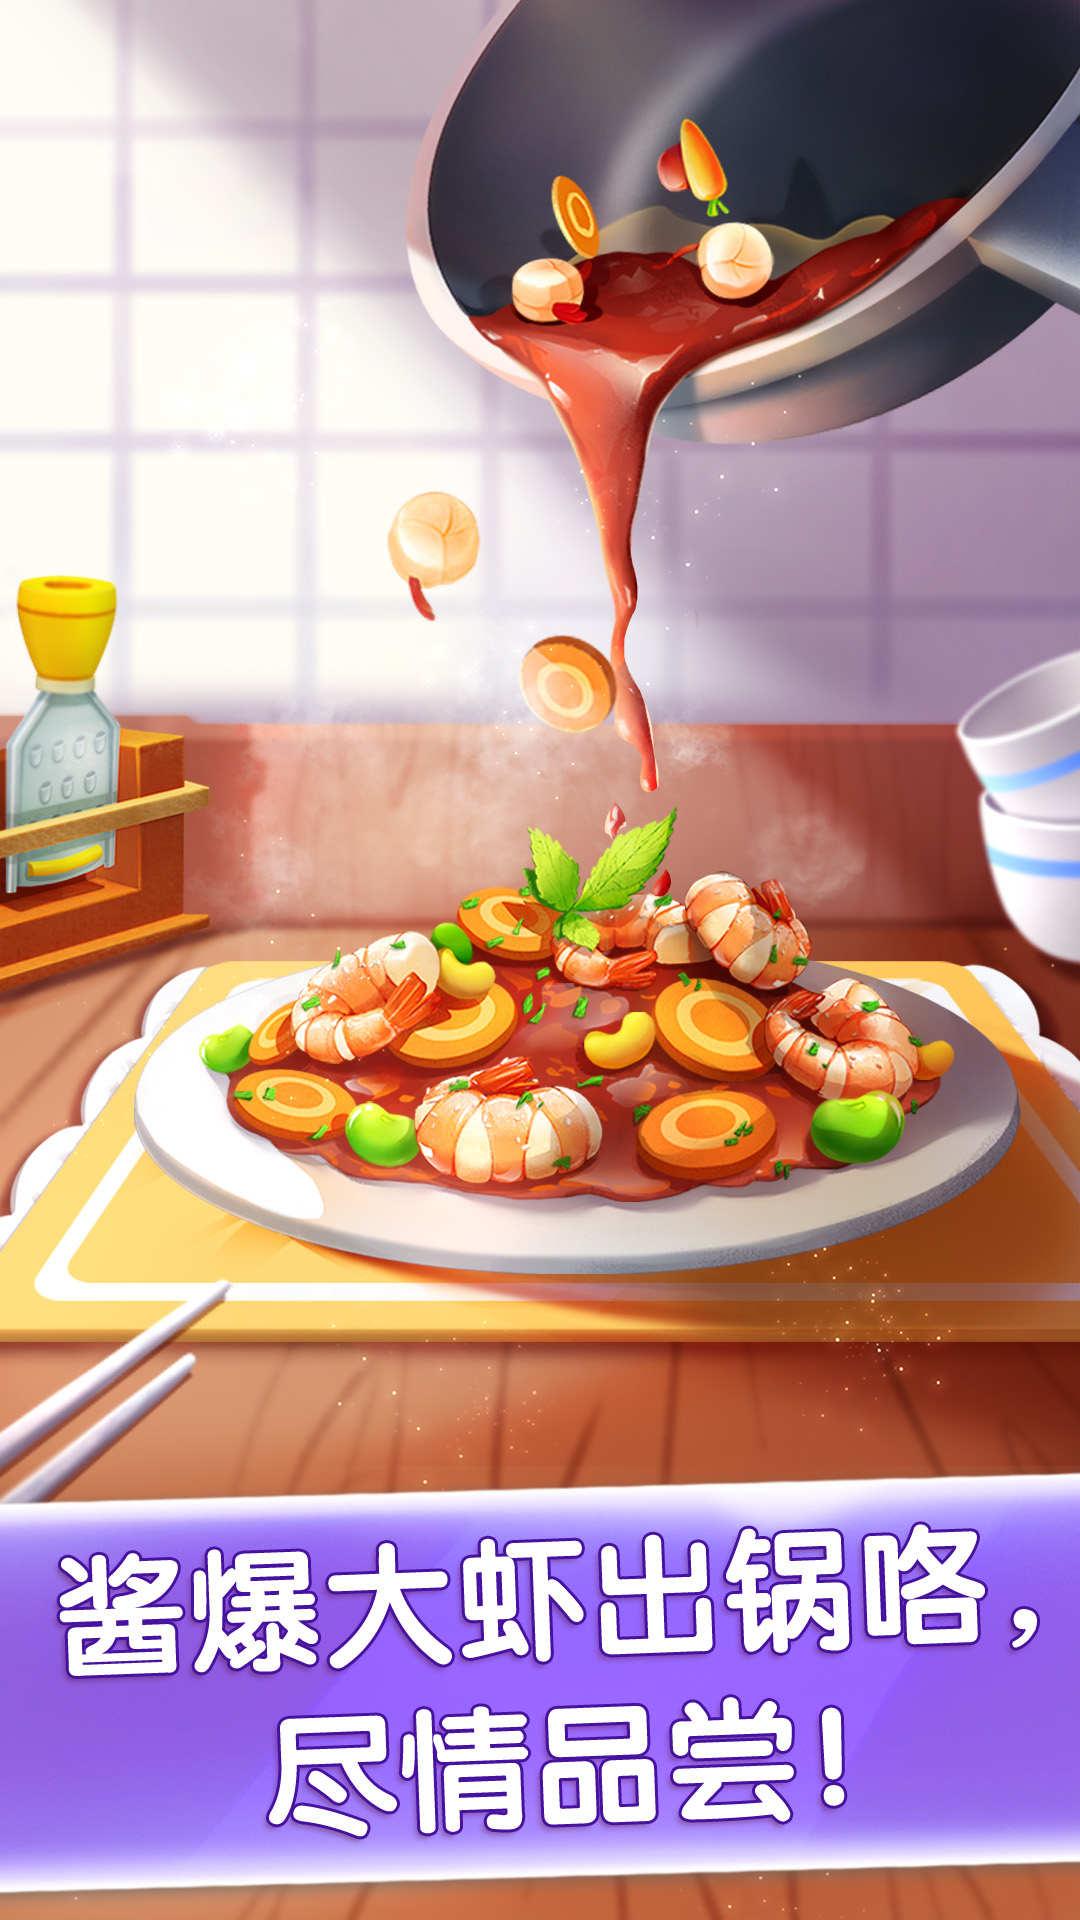 奇妙美食餐厅-应用截图